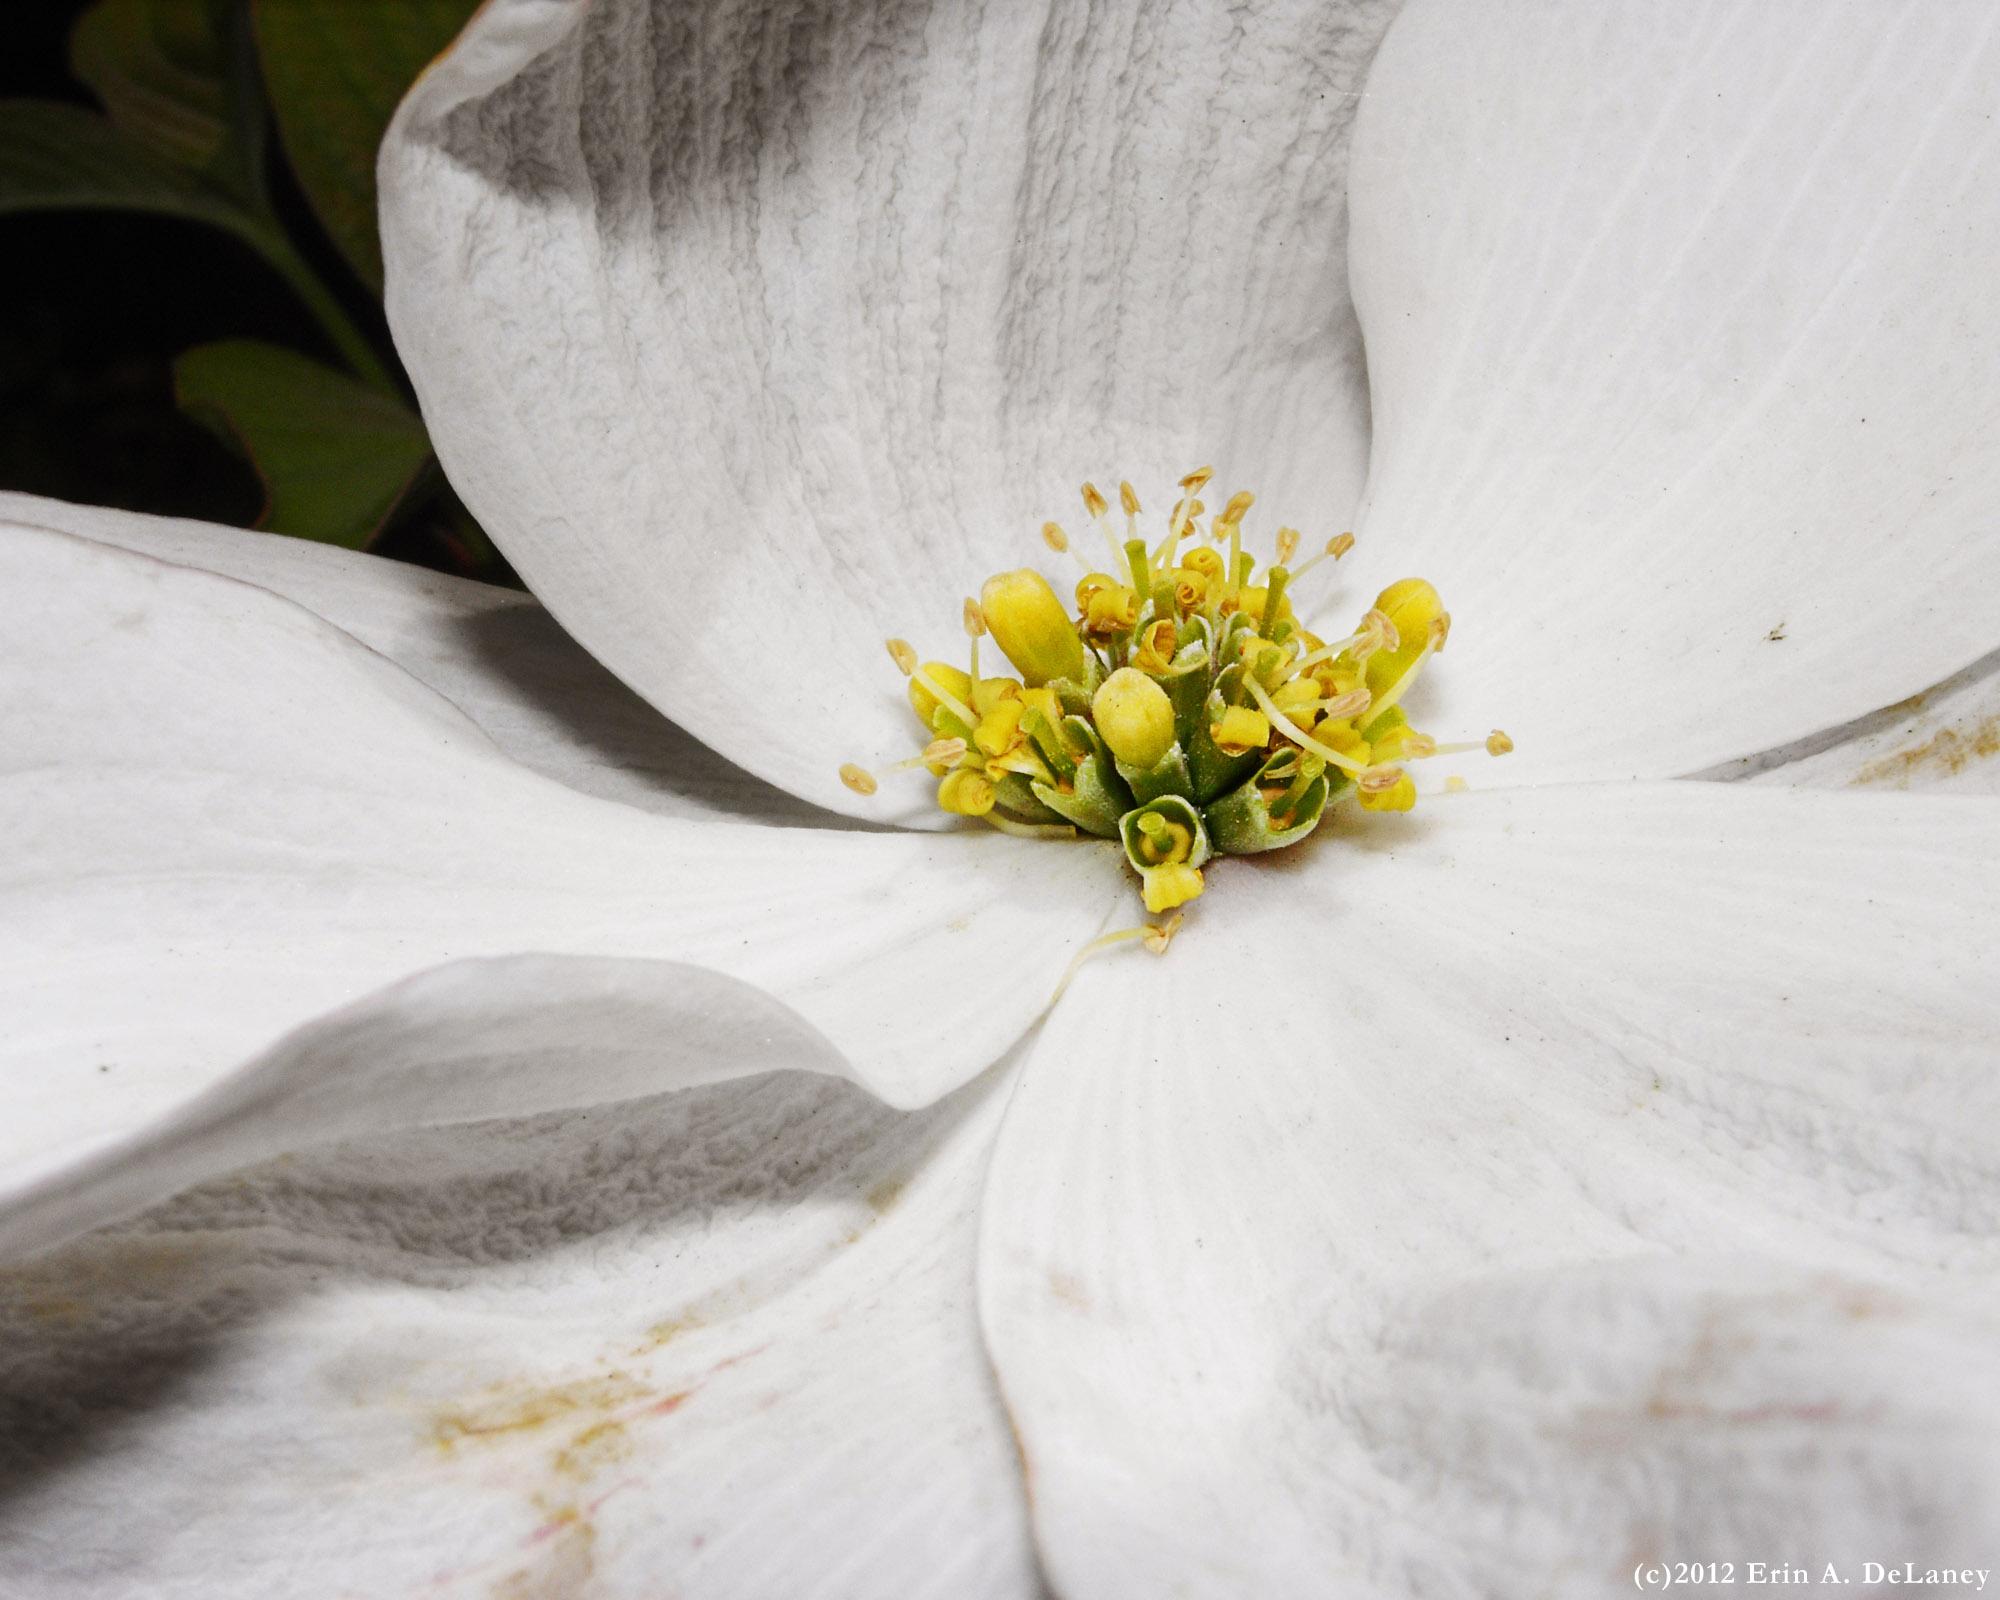 Dogwood Blossom, 2012